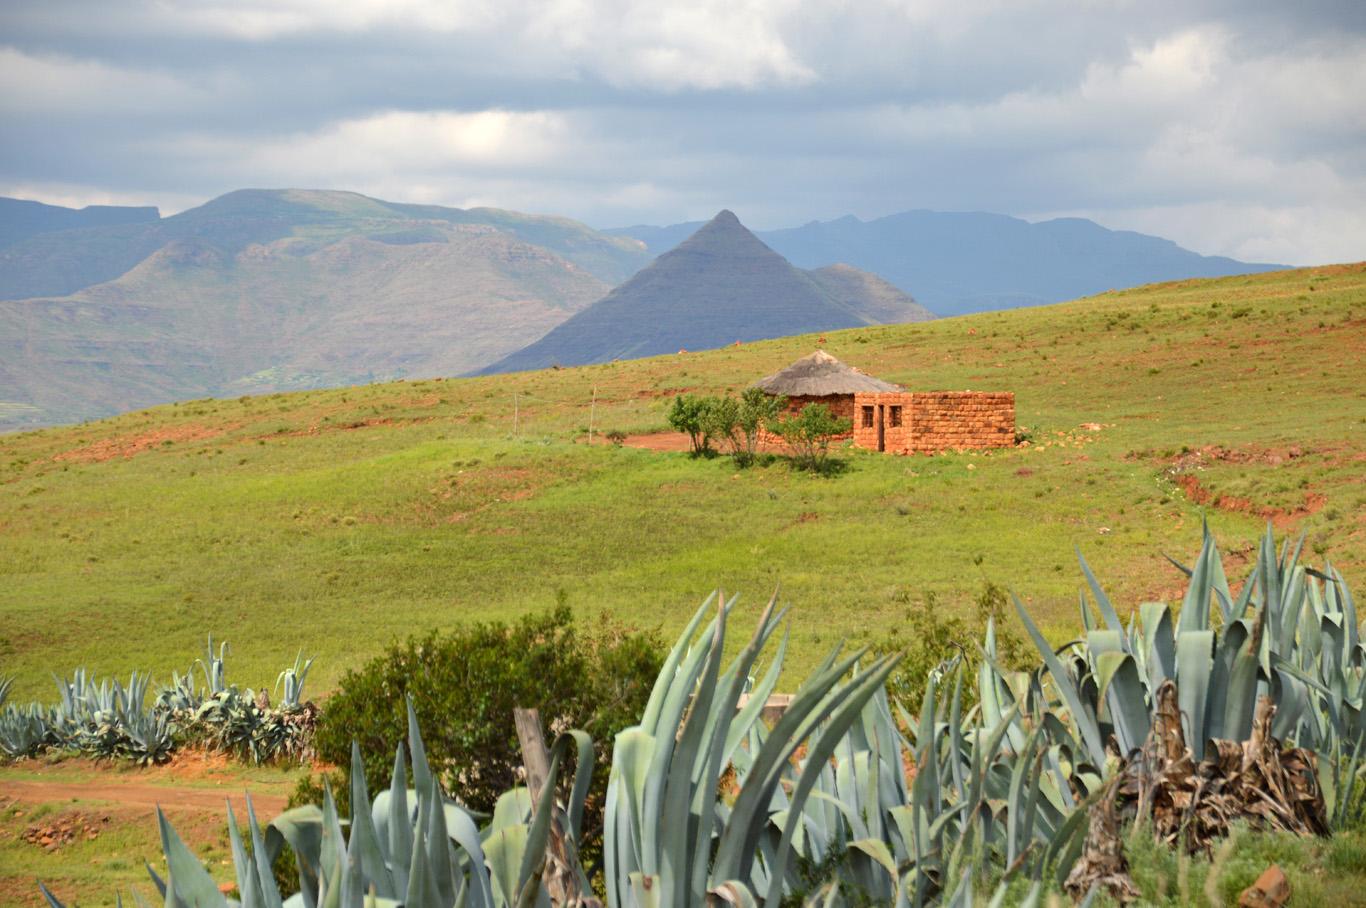 Lesotho landscapes